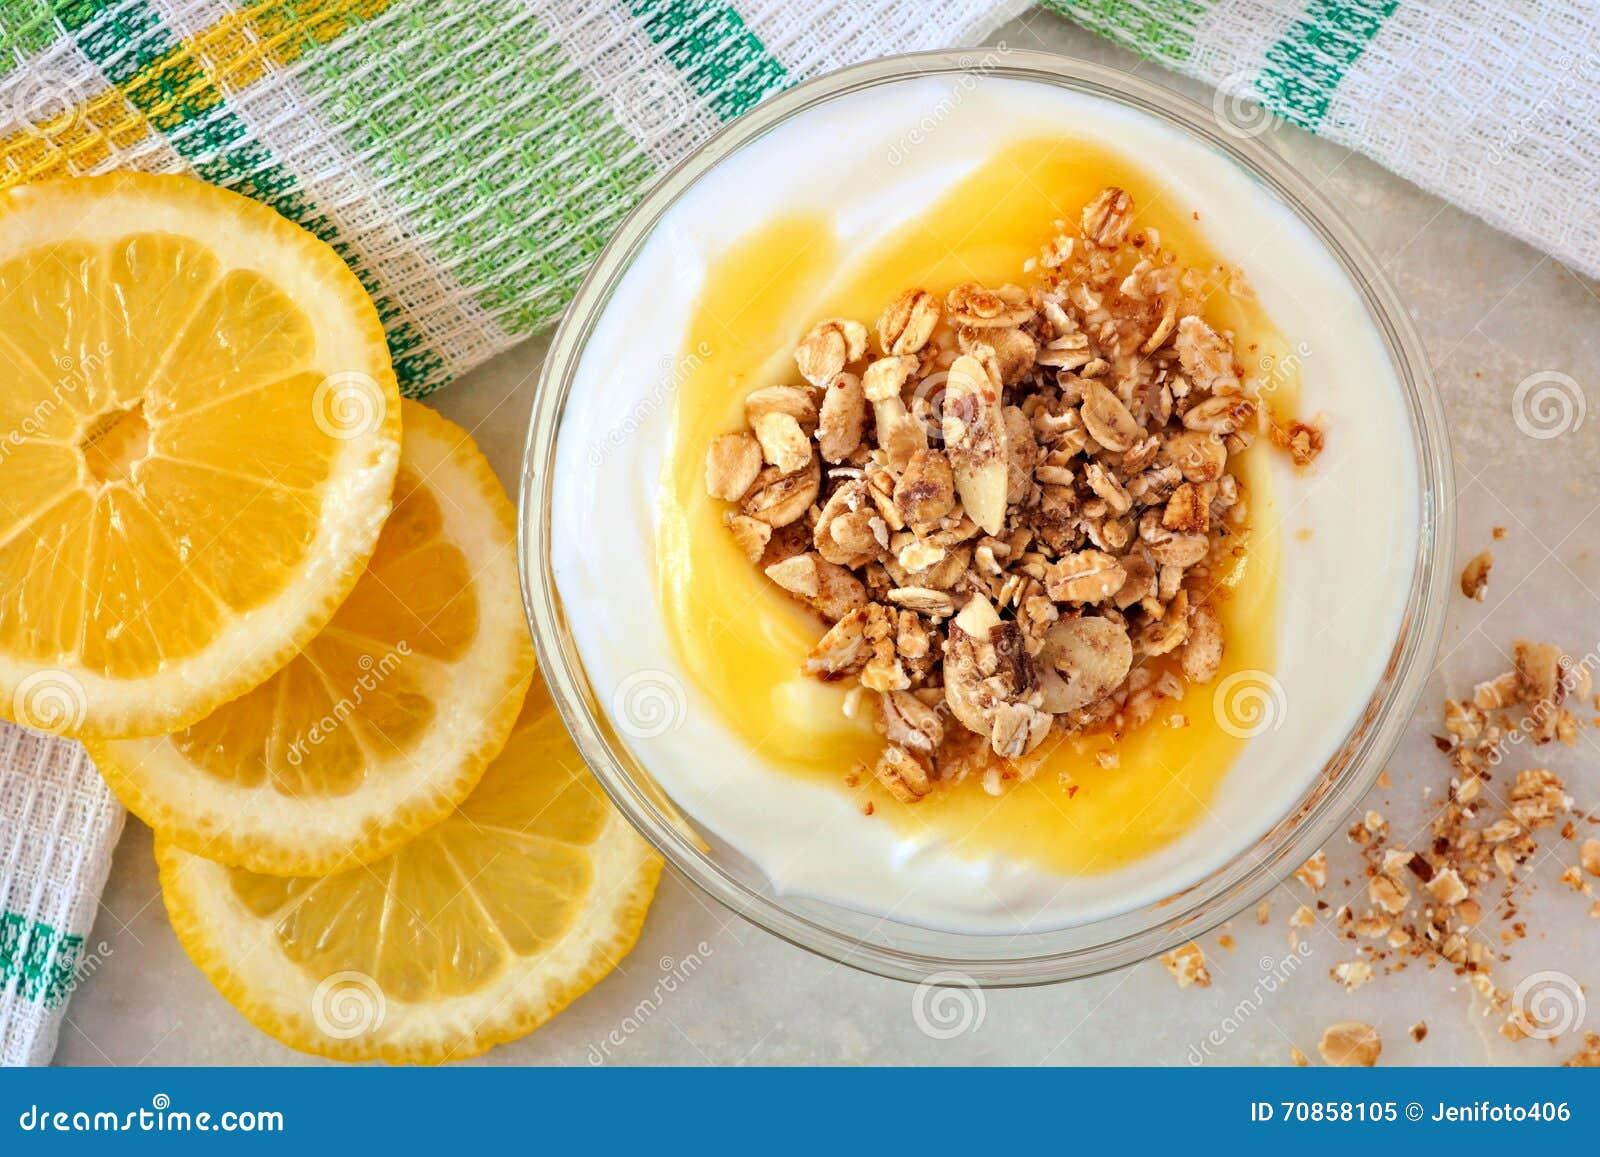 Grekisk yoghurt för citron med granola, över huvudet sikt på marmor